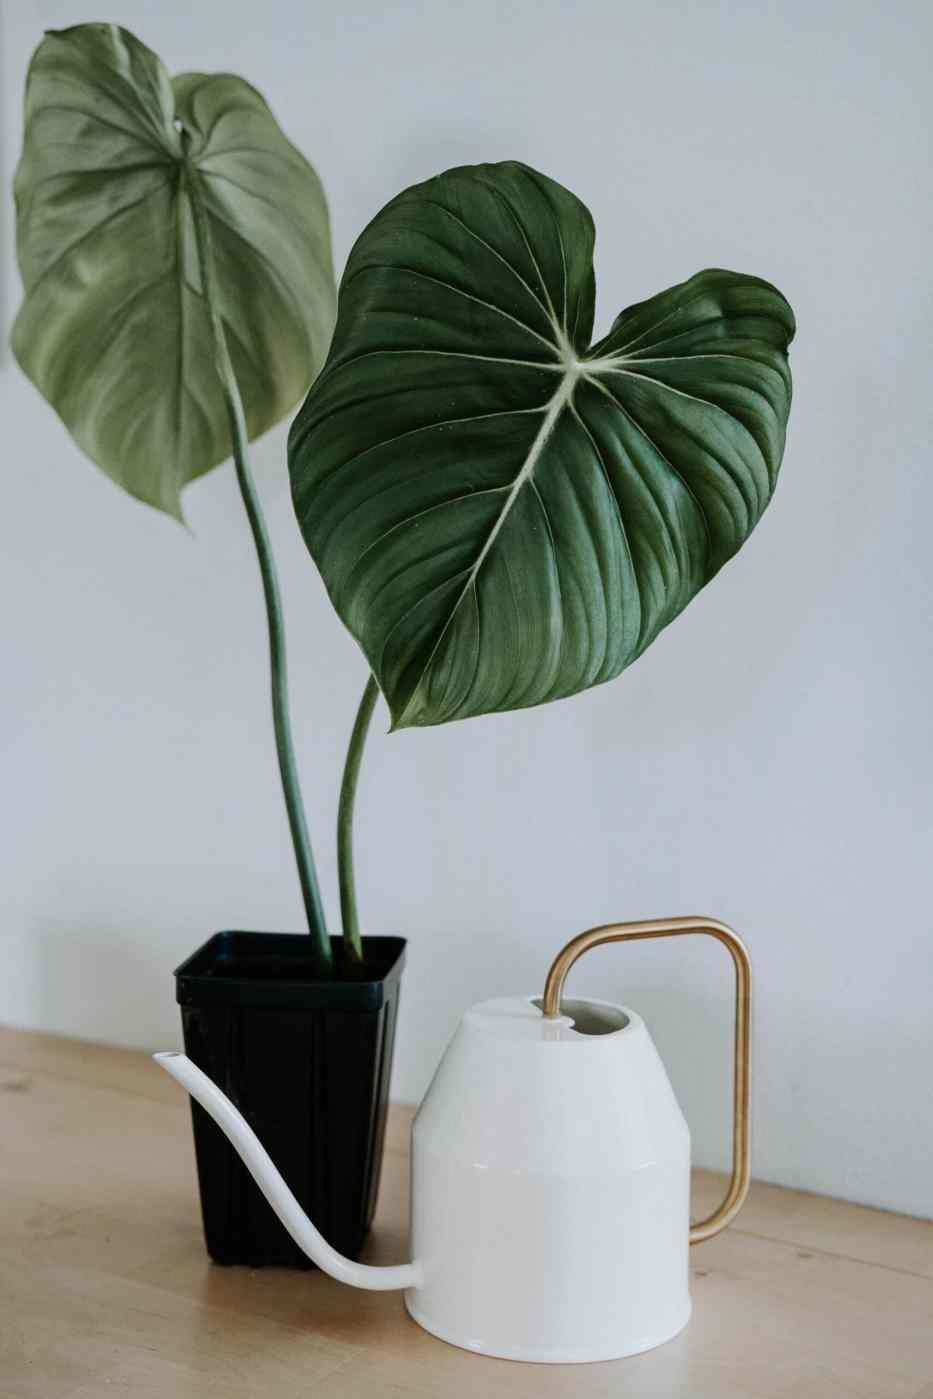 Gießkanne und Pflanzen